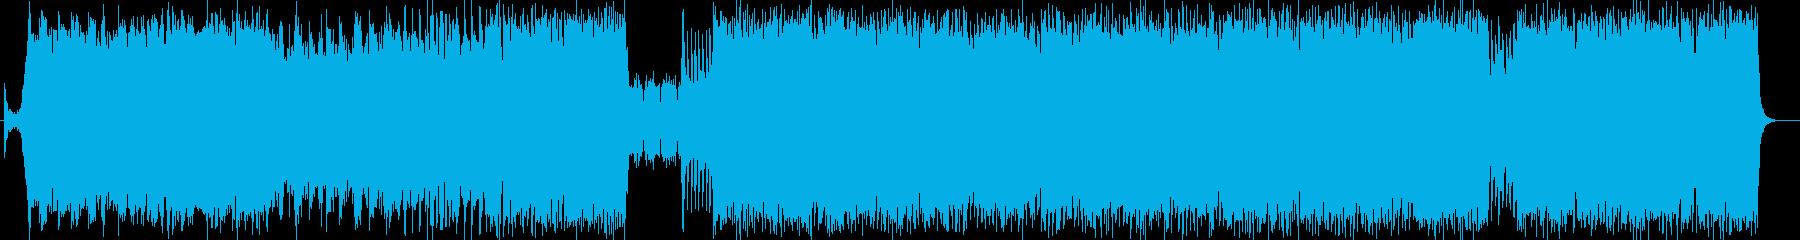 疾走感のあるオーケストラでロックなBGMの再生済みの波形